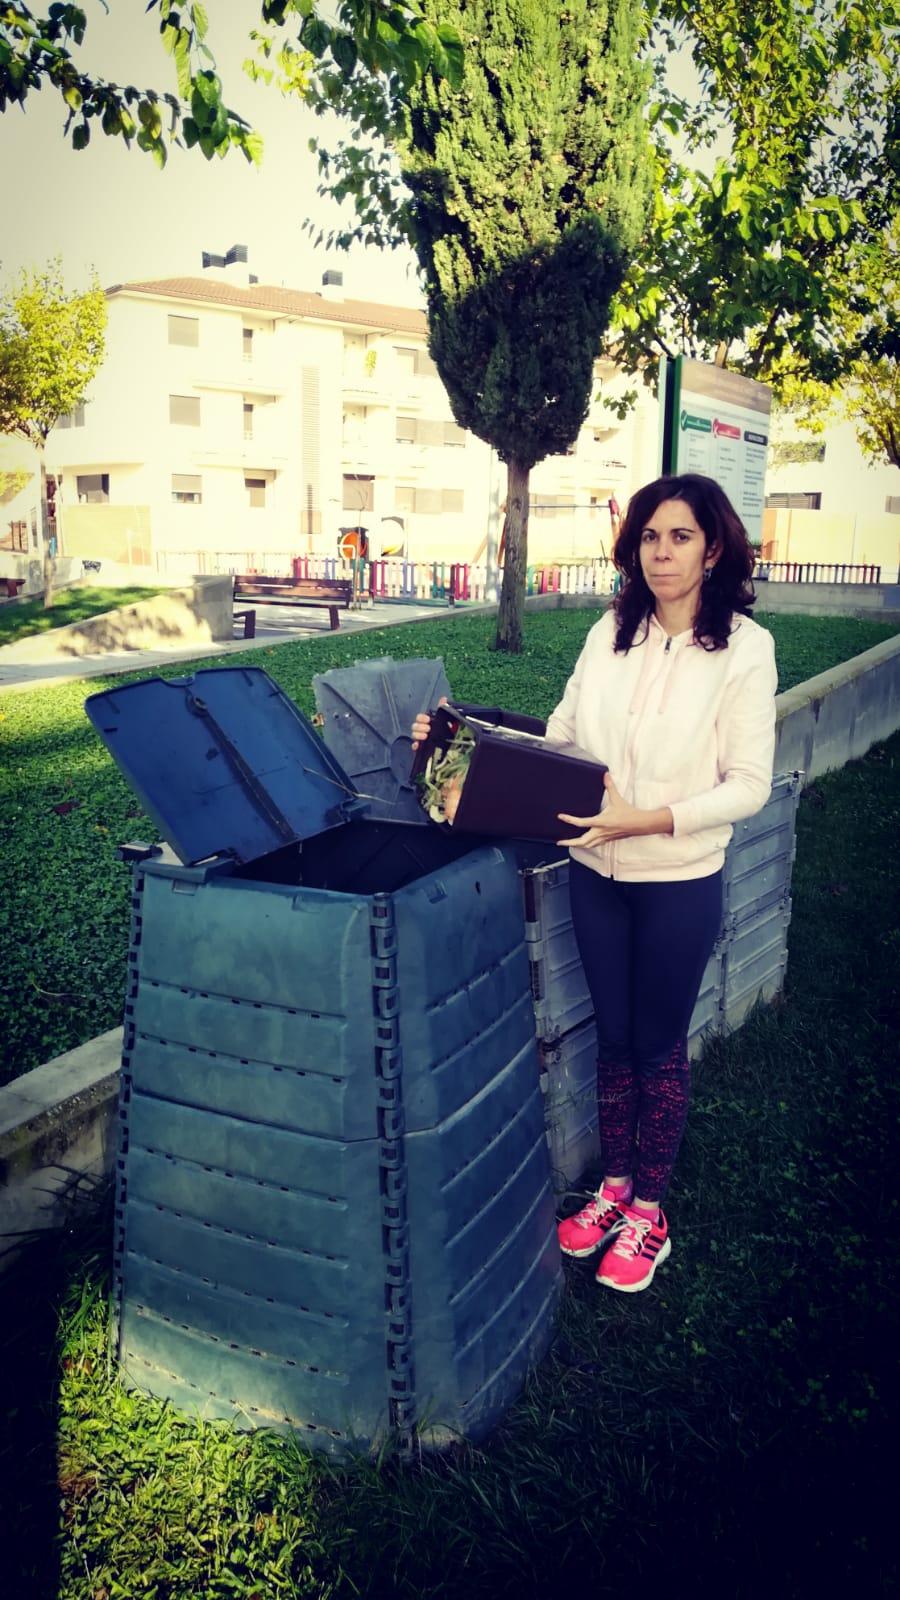 Lanzada una campaña para informar del correcto tratamiento de los residuos y la importancia del reciclado